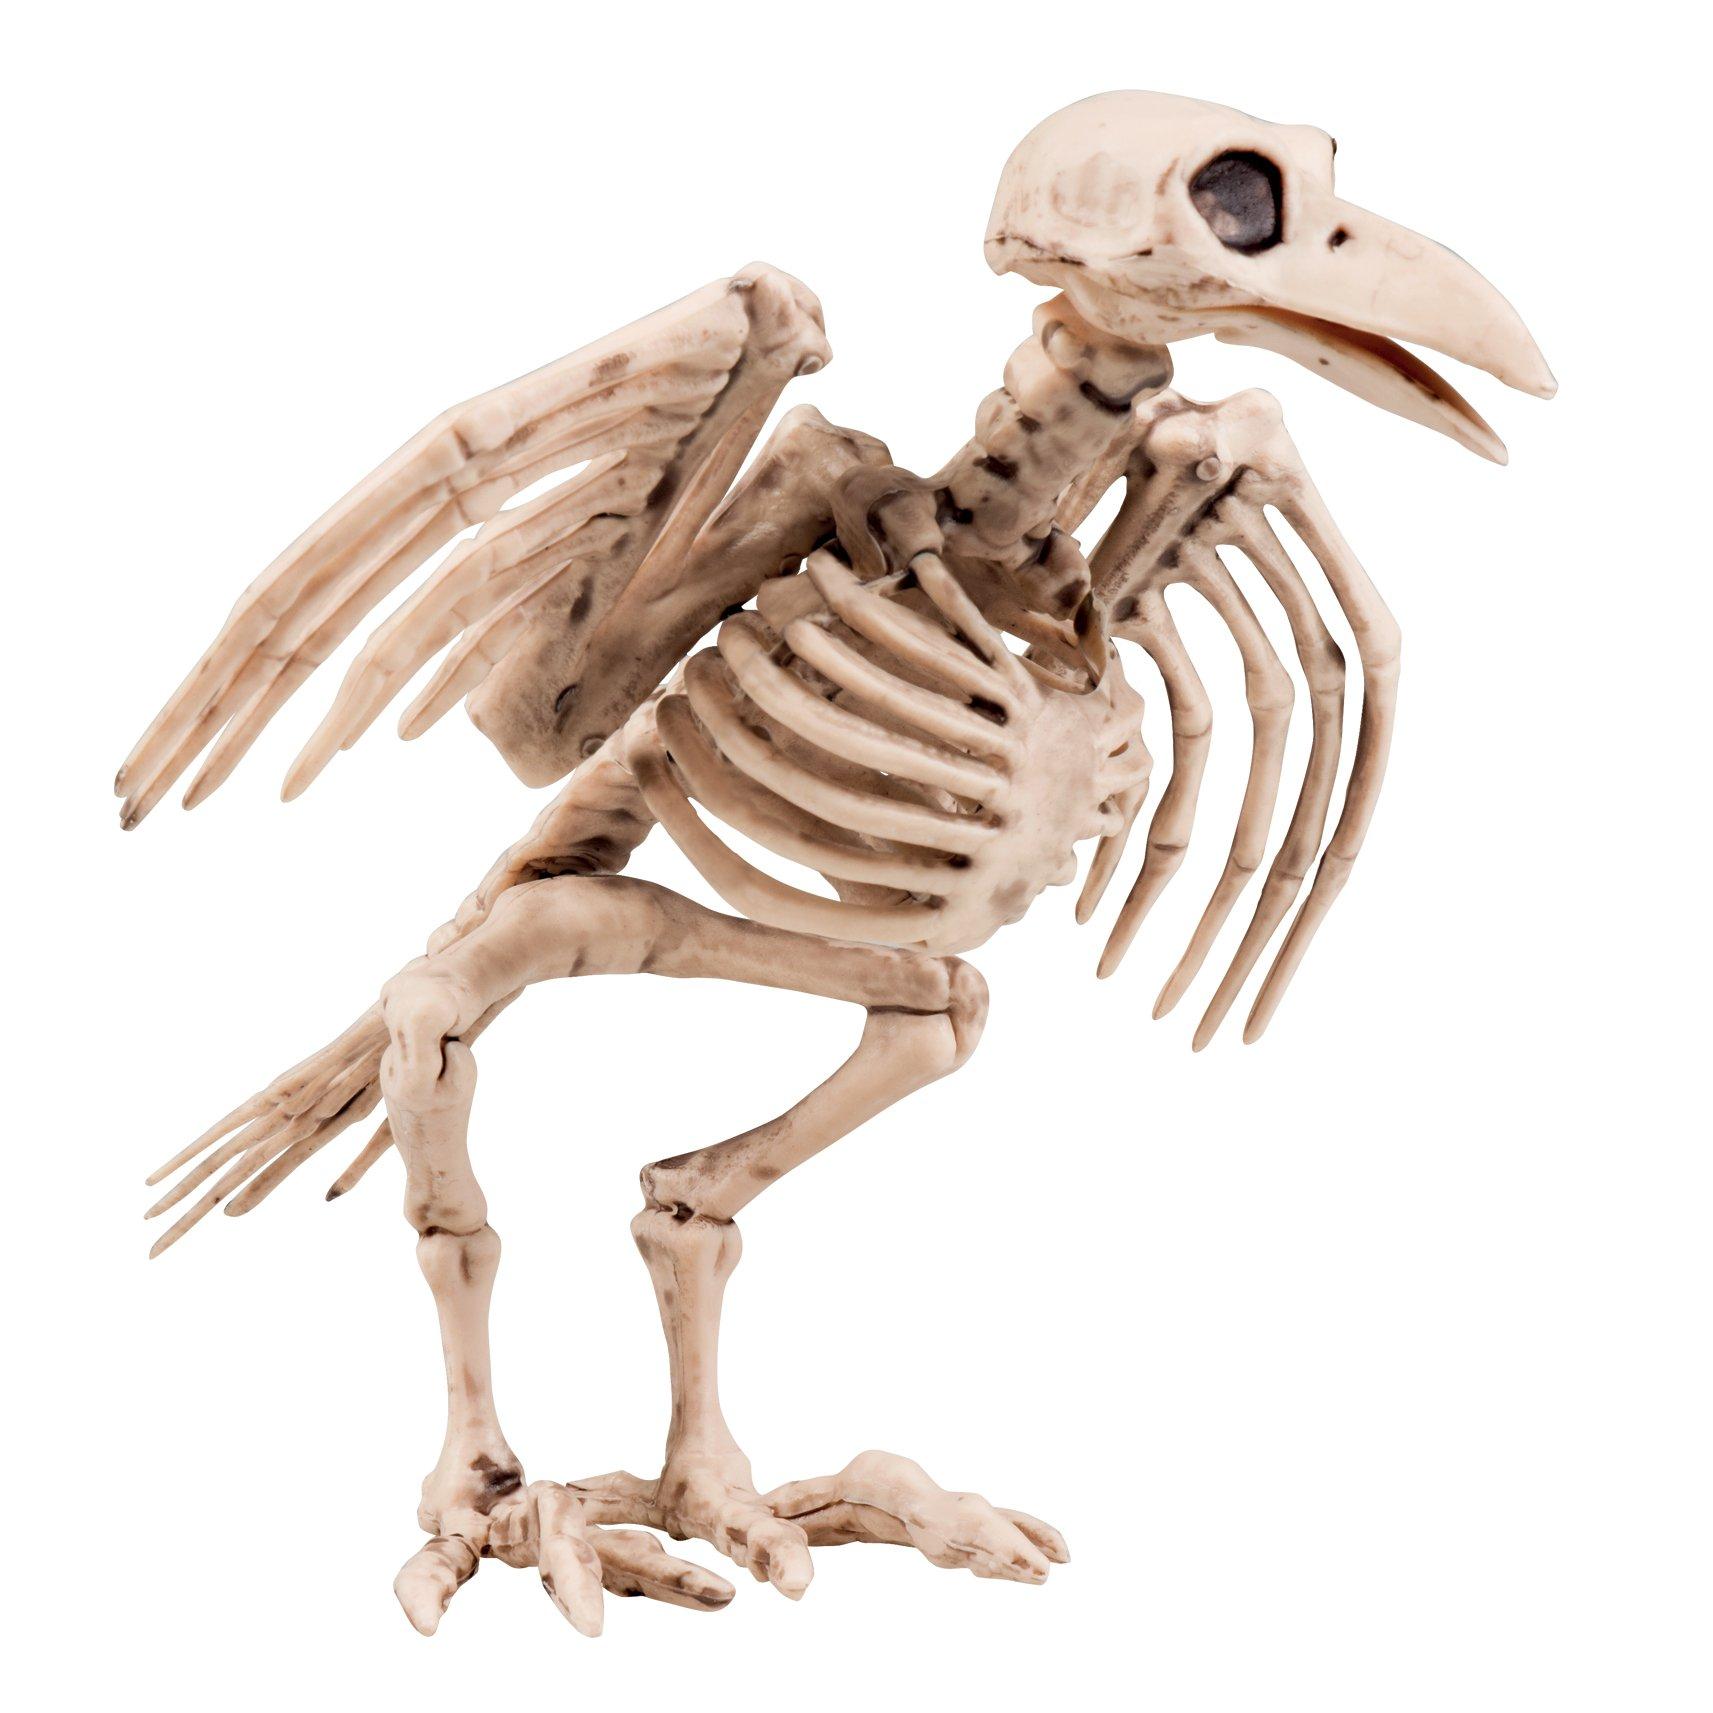 Boland 72093 - Deko-Figur Krähenskelett, Größe ca. 18 cm, aus Kunststoff, Knochen, Skelett, Dekoration, Halloween…